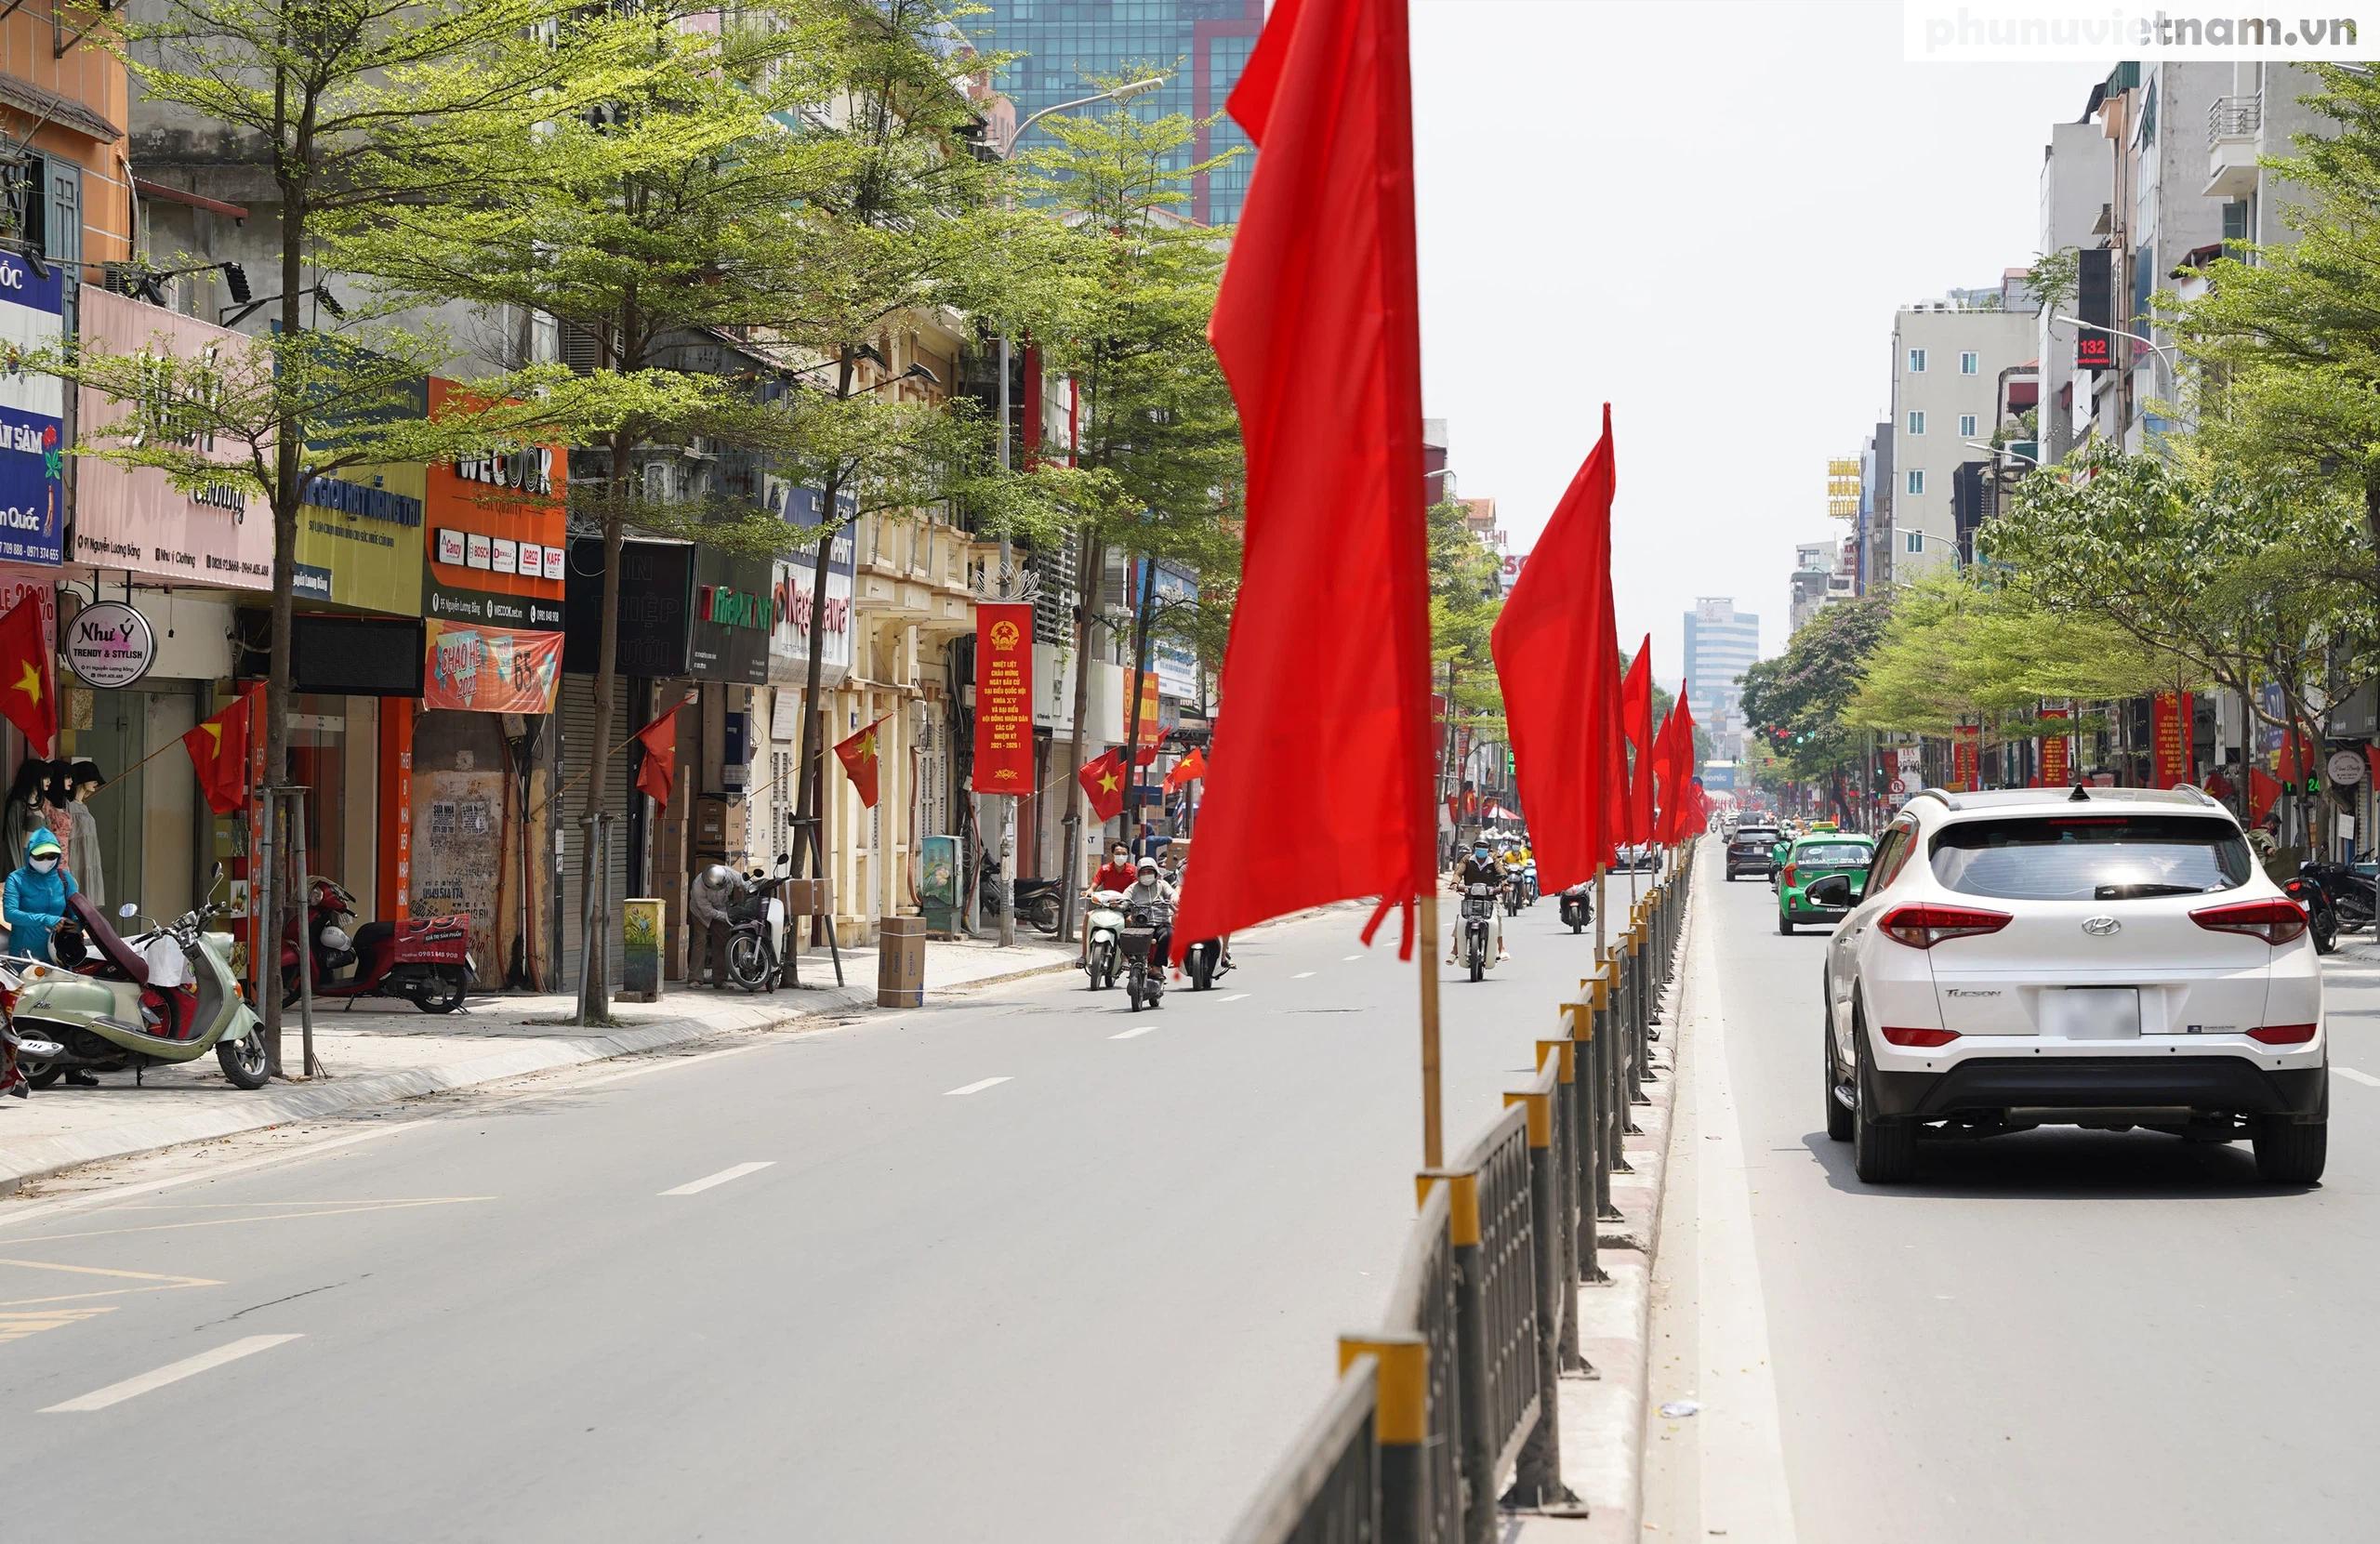 """Phố phường Hà Nội rực rỡ cờ phướn, tranh cổ động chào mừng """"Ngày hội của toàn dân"""" - Ảnh 13."""